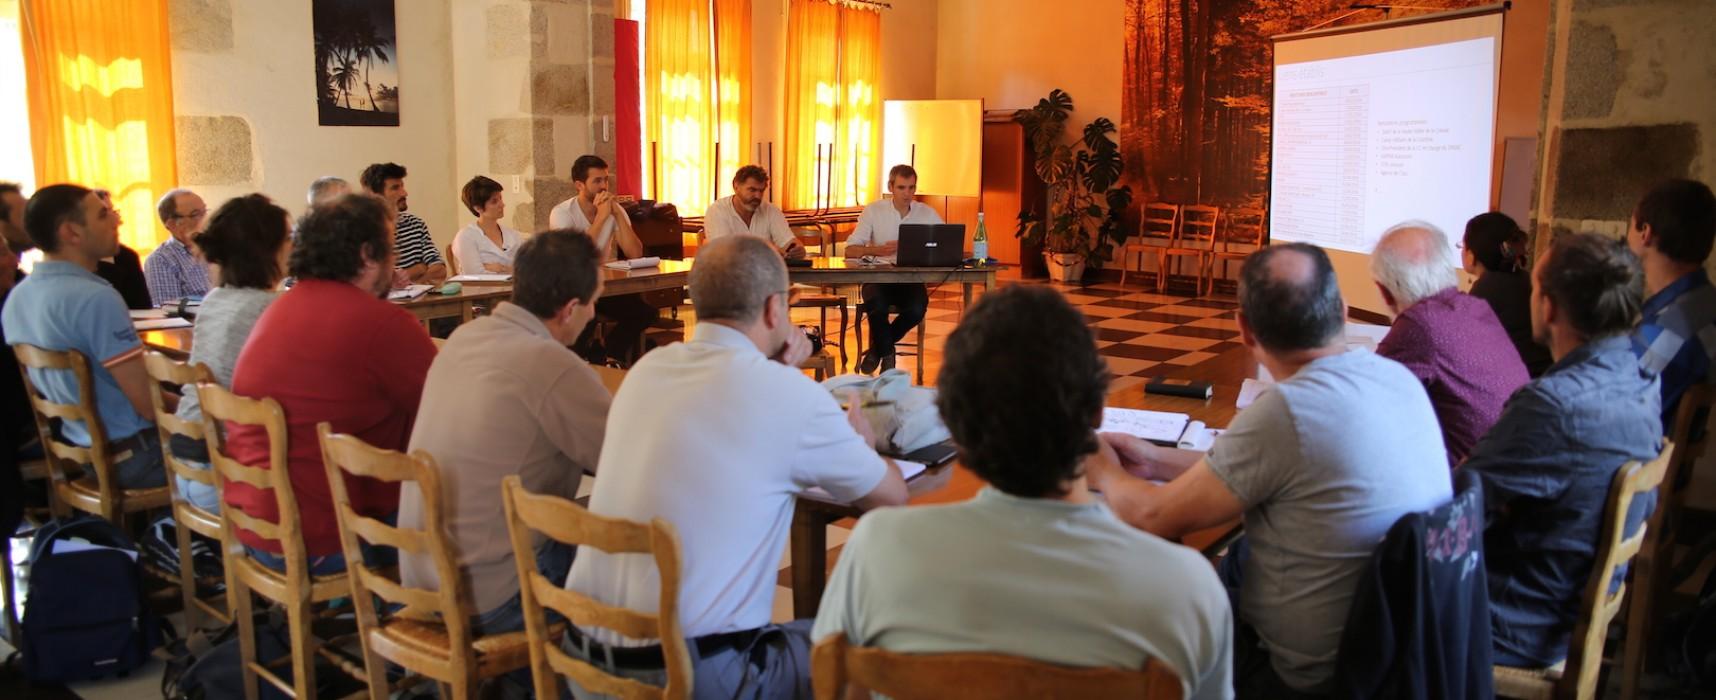 [Projet en cours de réalisation] Première réunion du comité de pilotage du projet «Creuse Amont»